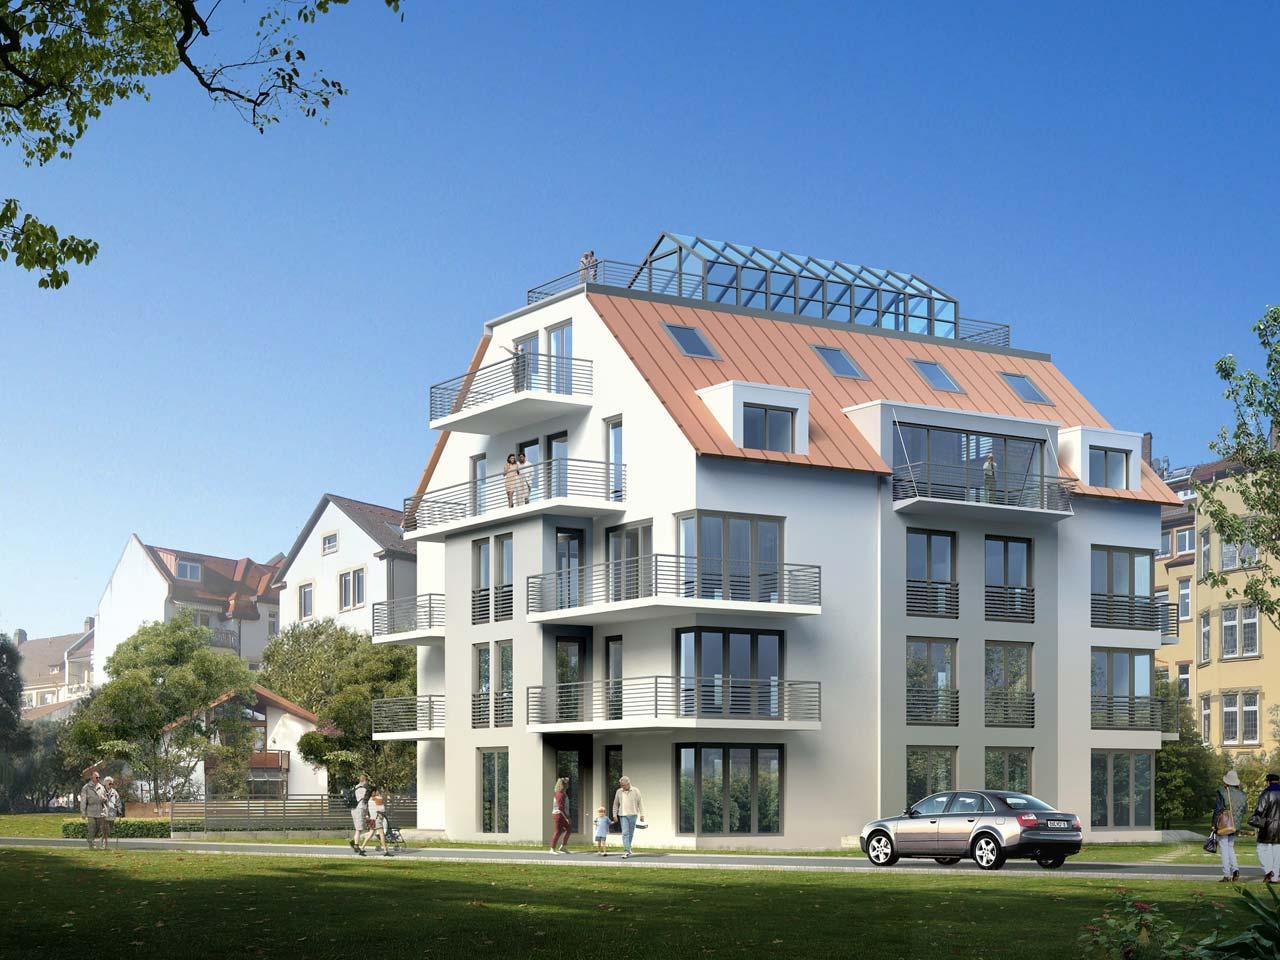 Wohnung & Haus vermieten: Was ist zu beachten? Immobilie, Steuer & Ratgeber